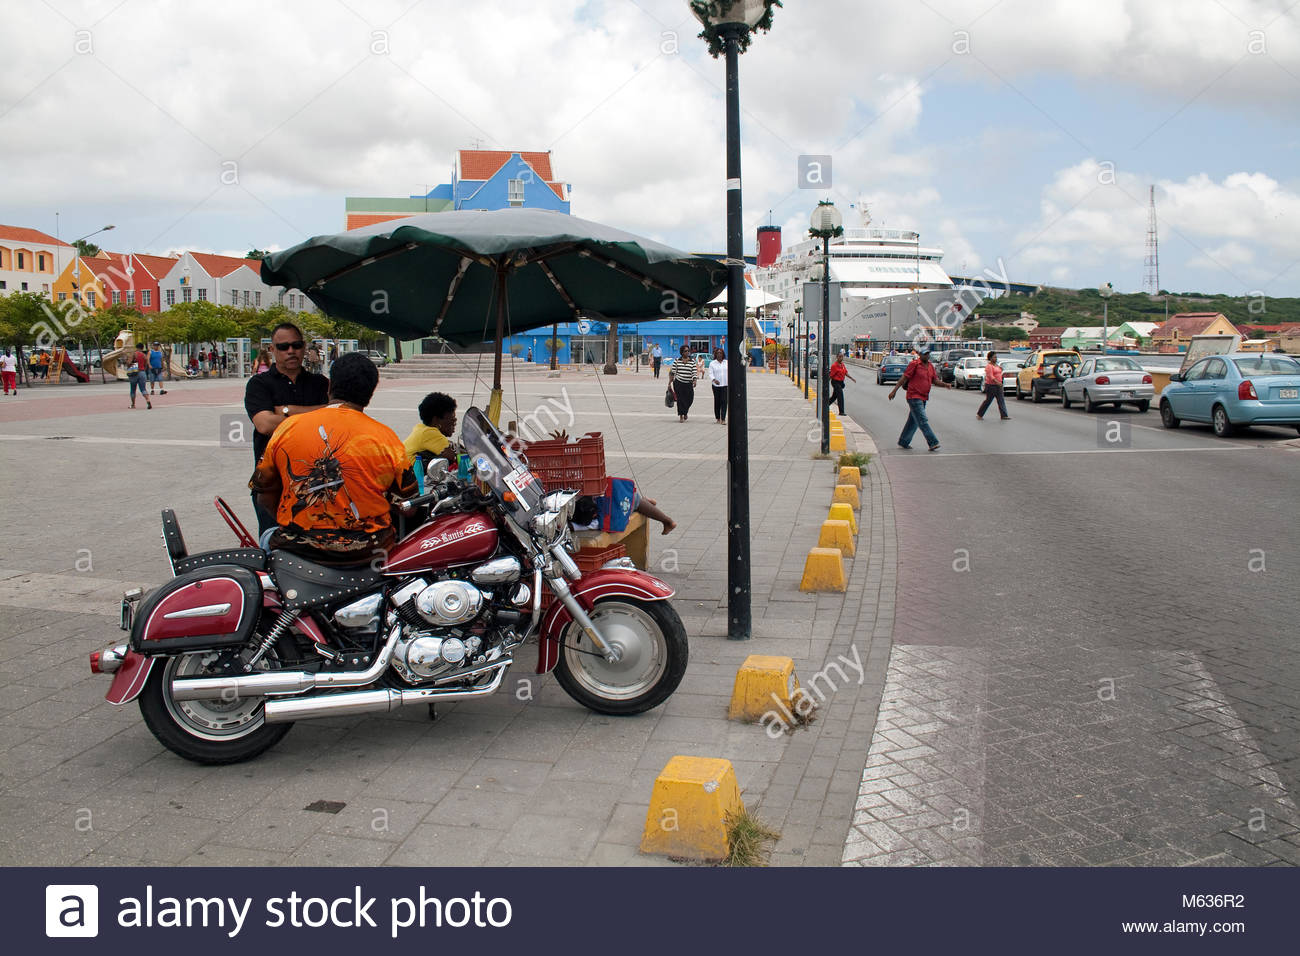 Mann in Motorrad, Kreuzfahrtschiff in der Sint Anna Baai, Stadtteil Otrobanda, Willemstad, Curacao, Niederlaendische Stockbild